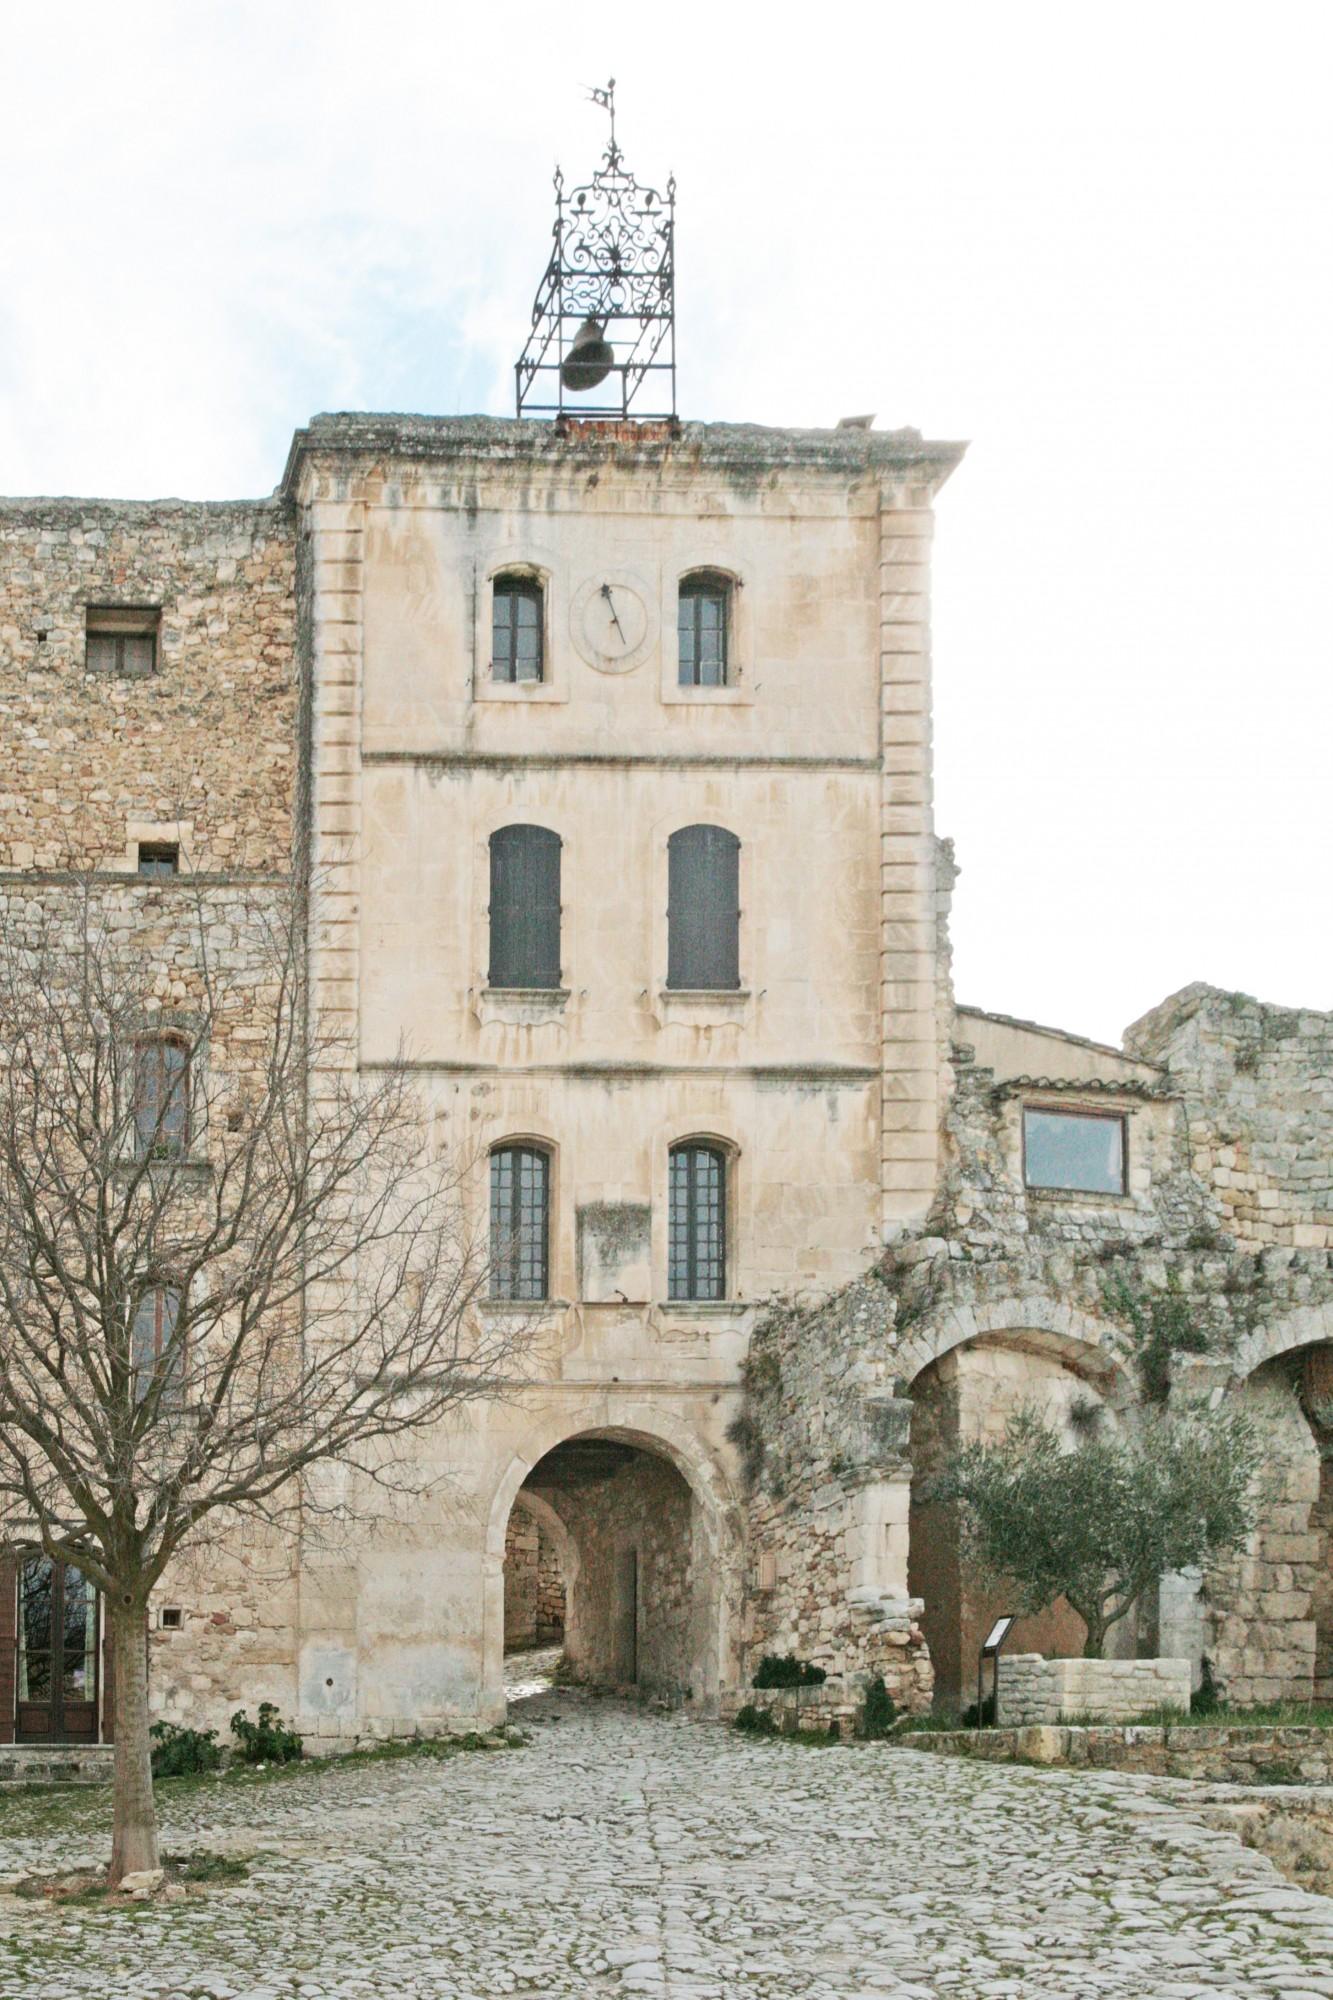 L'ancienne mairie d'Oppède-le-vieux, Luberon